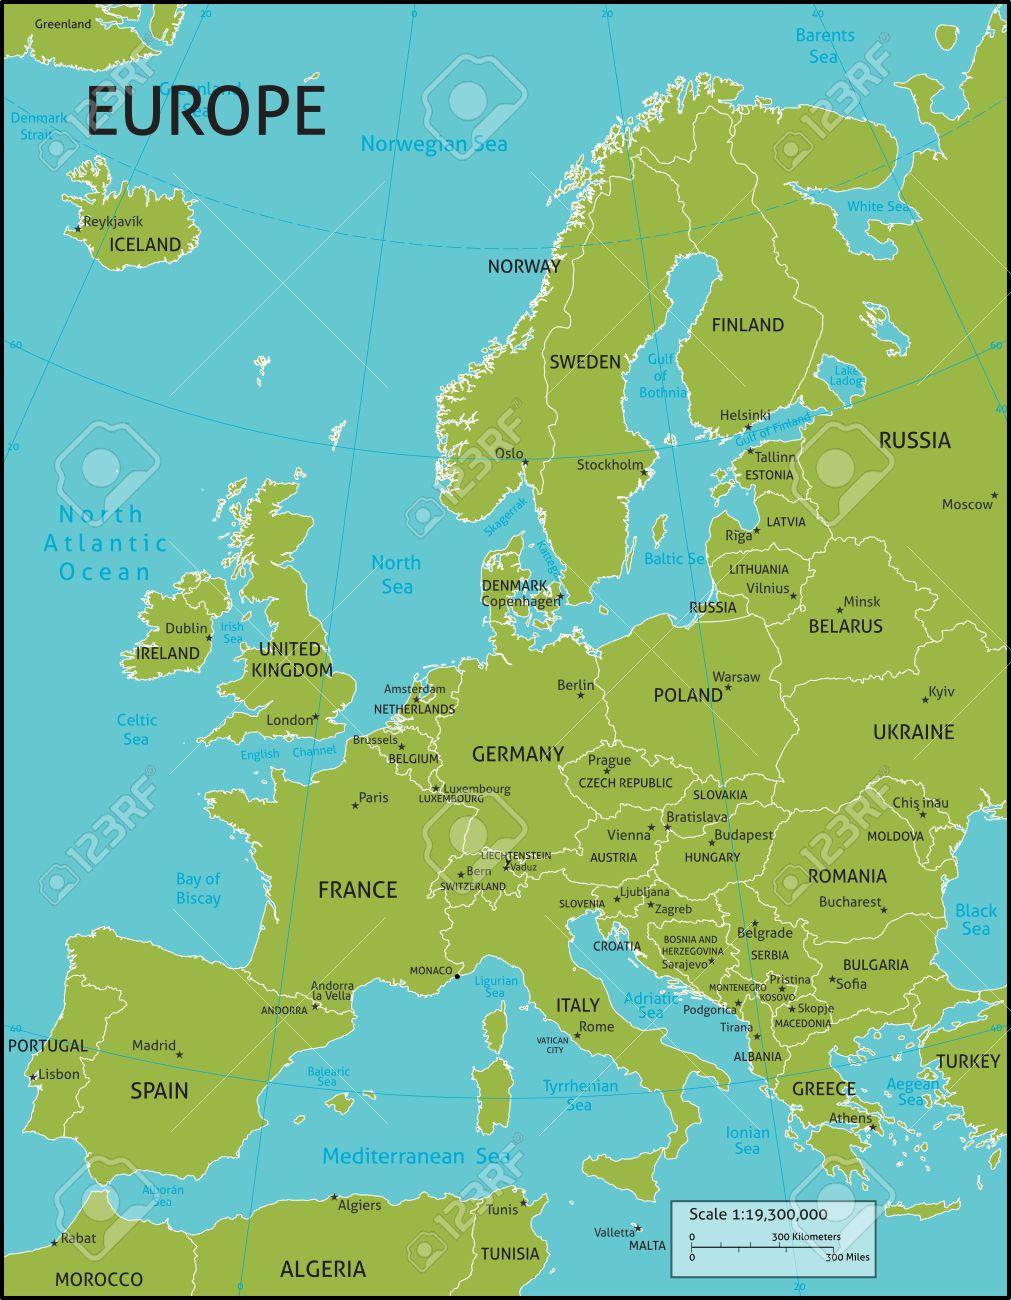 Une Carte De L'europe Avec Tous Les Noms De Pays, Et Les Capitales De Pays.  Organisé Dans La Version De Vecteur Dans Facile D'utiliser Des Couches. avec Carte Europe Pays Capitales